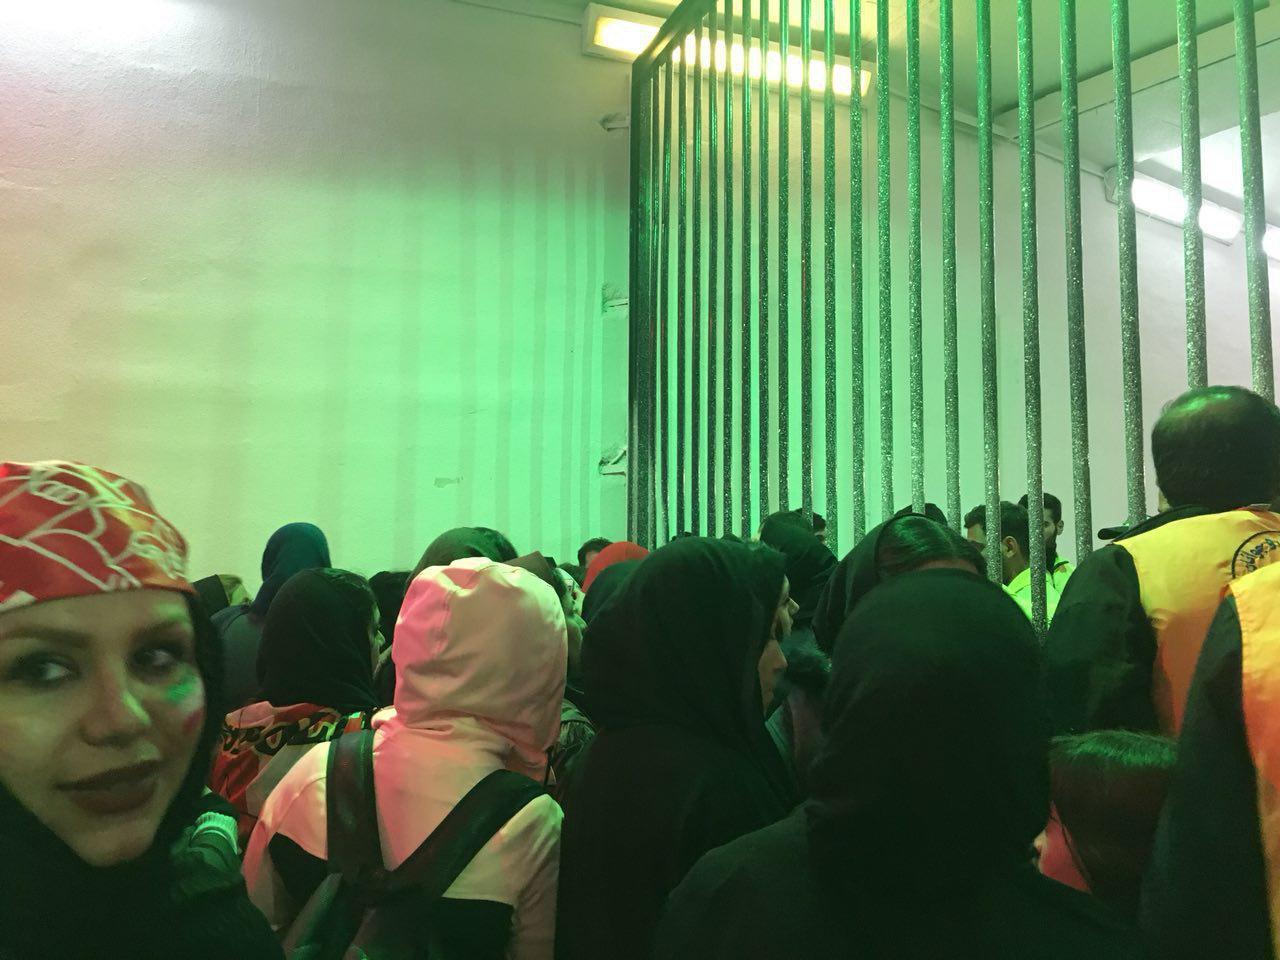 اخبار,اخبار ورزشی,حضور بانوان در دیدار پرسپولیس و کاشیما آنتلرز